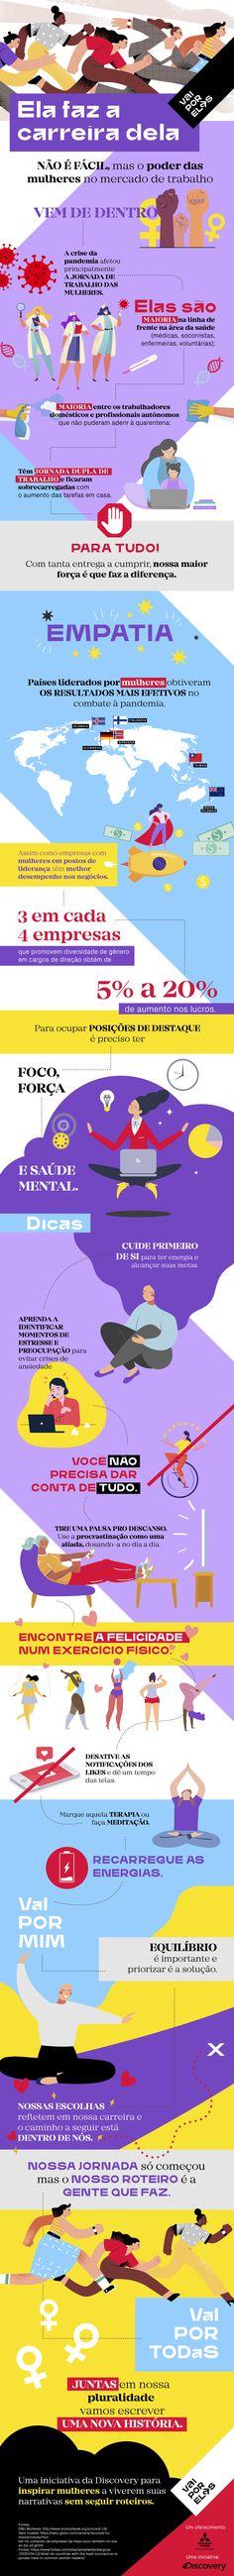 Ela faz a carreira dela! ✨ #VaiPorElas #GirlPower Health And Wellness, Career, You Are Special